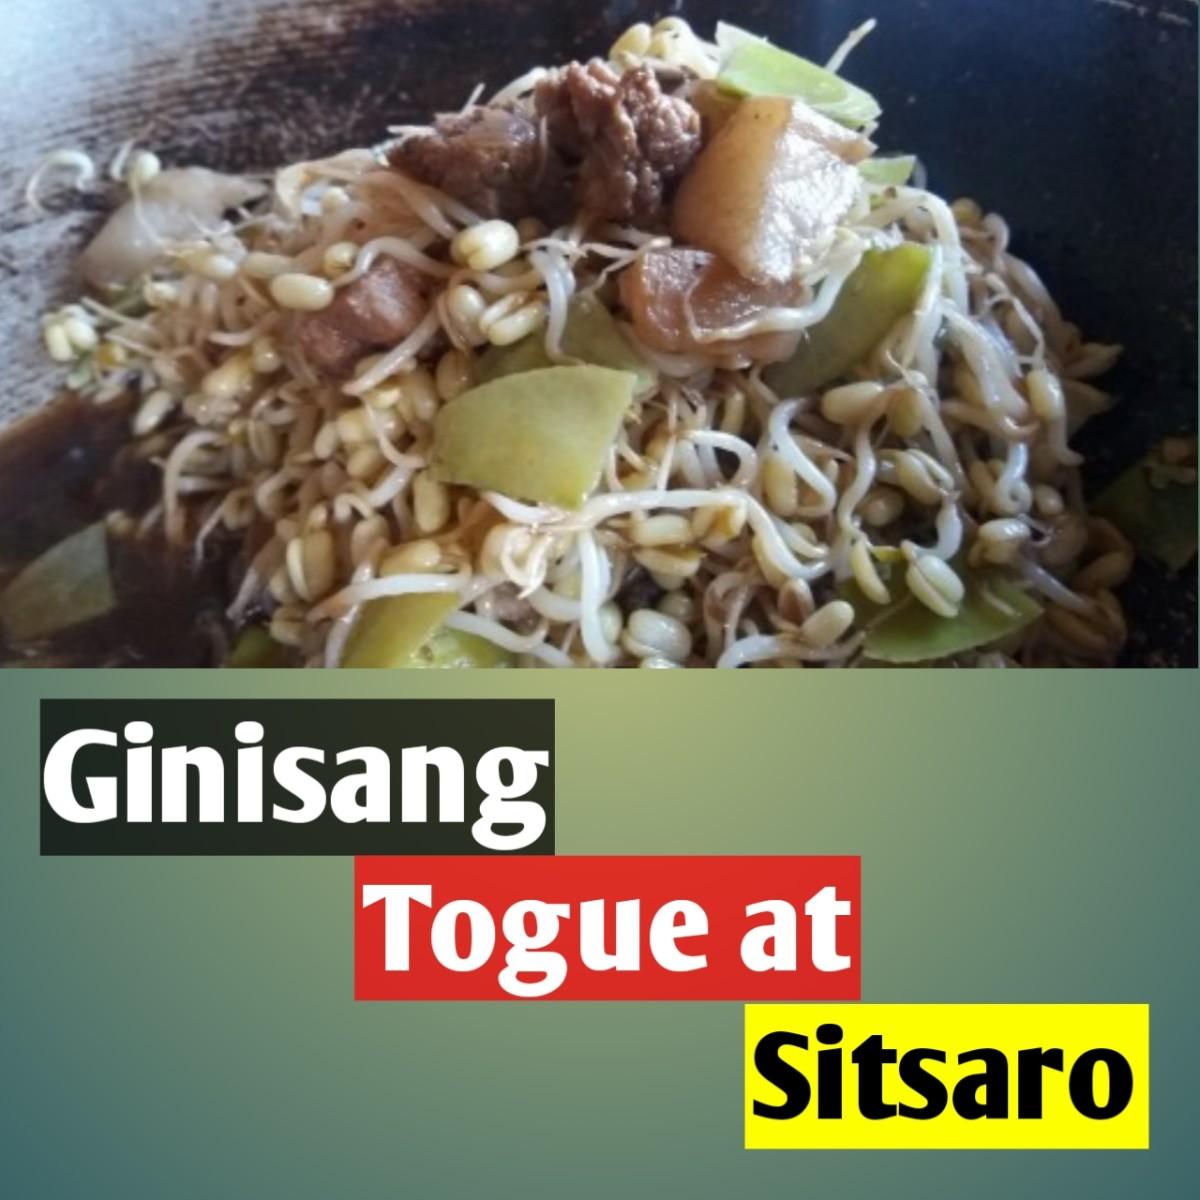 Ginisang Togue at Sitsaro (Sauteed Mung Beans and Snow Peas)